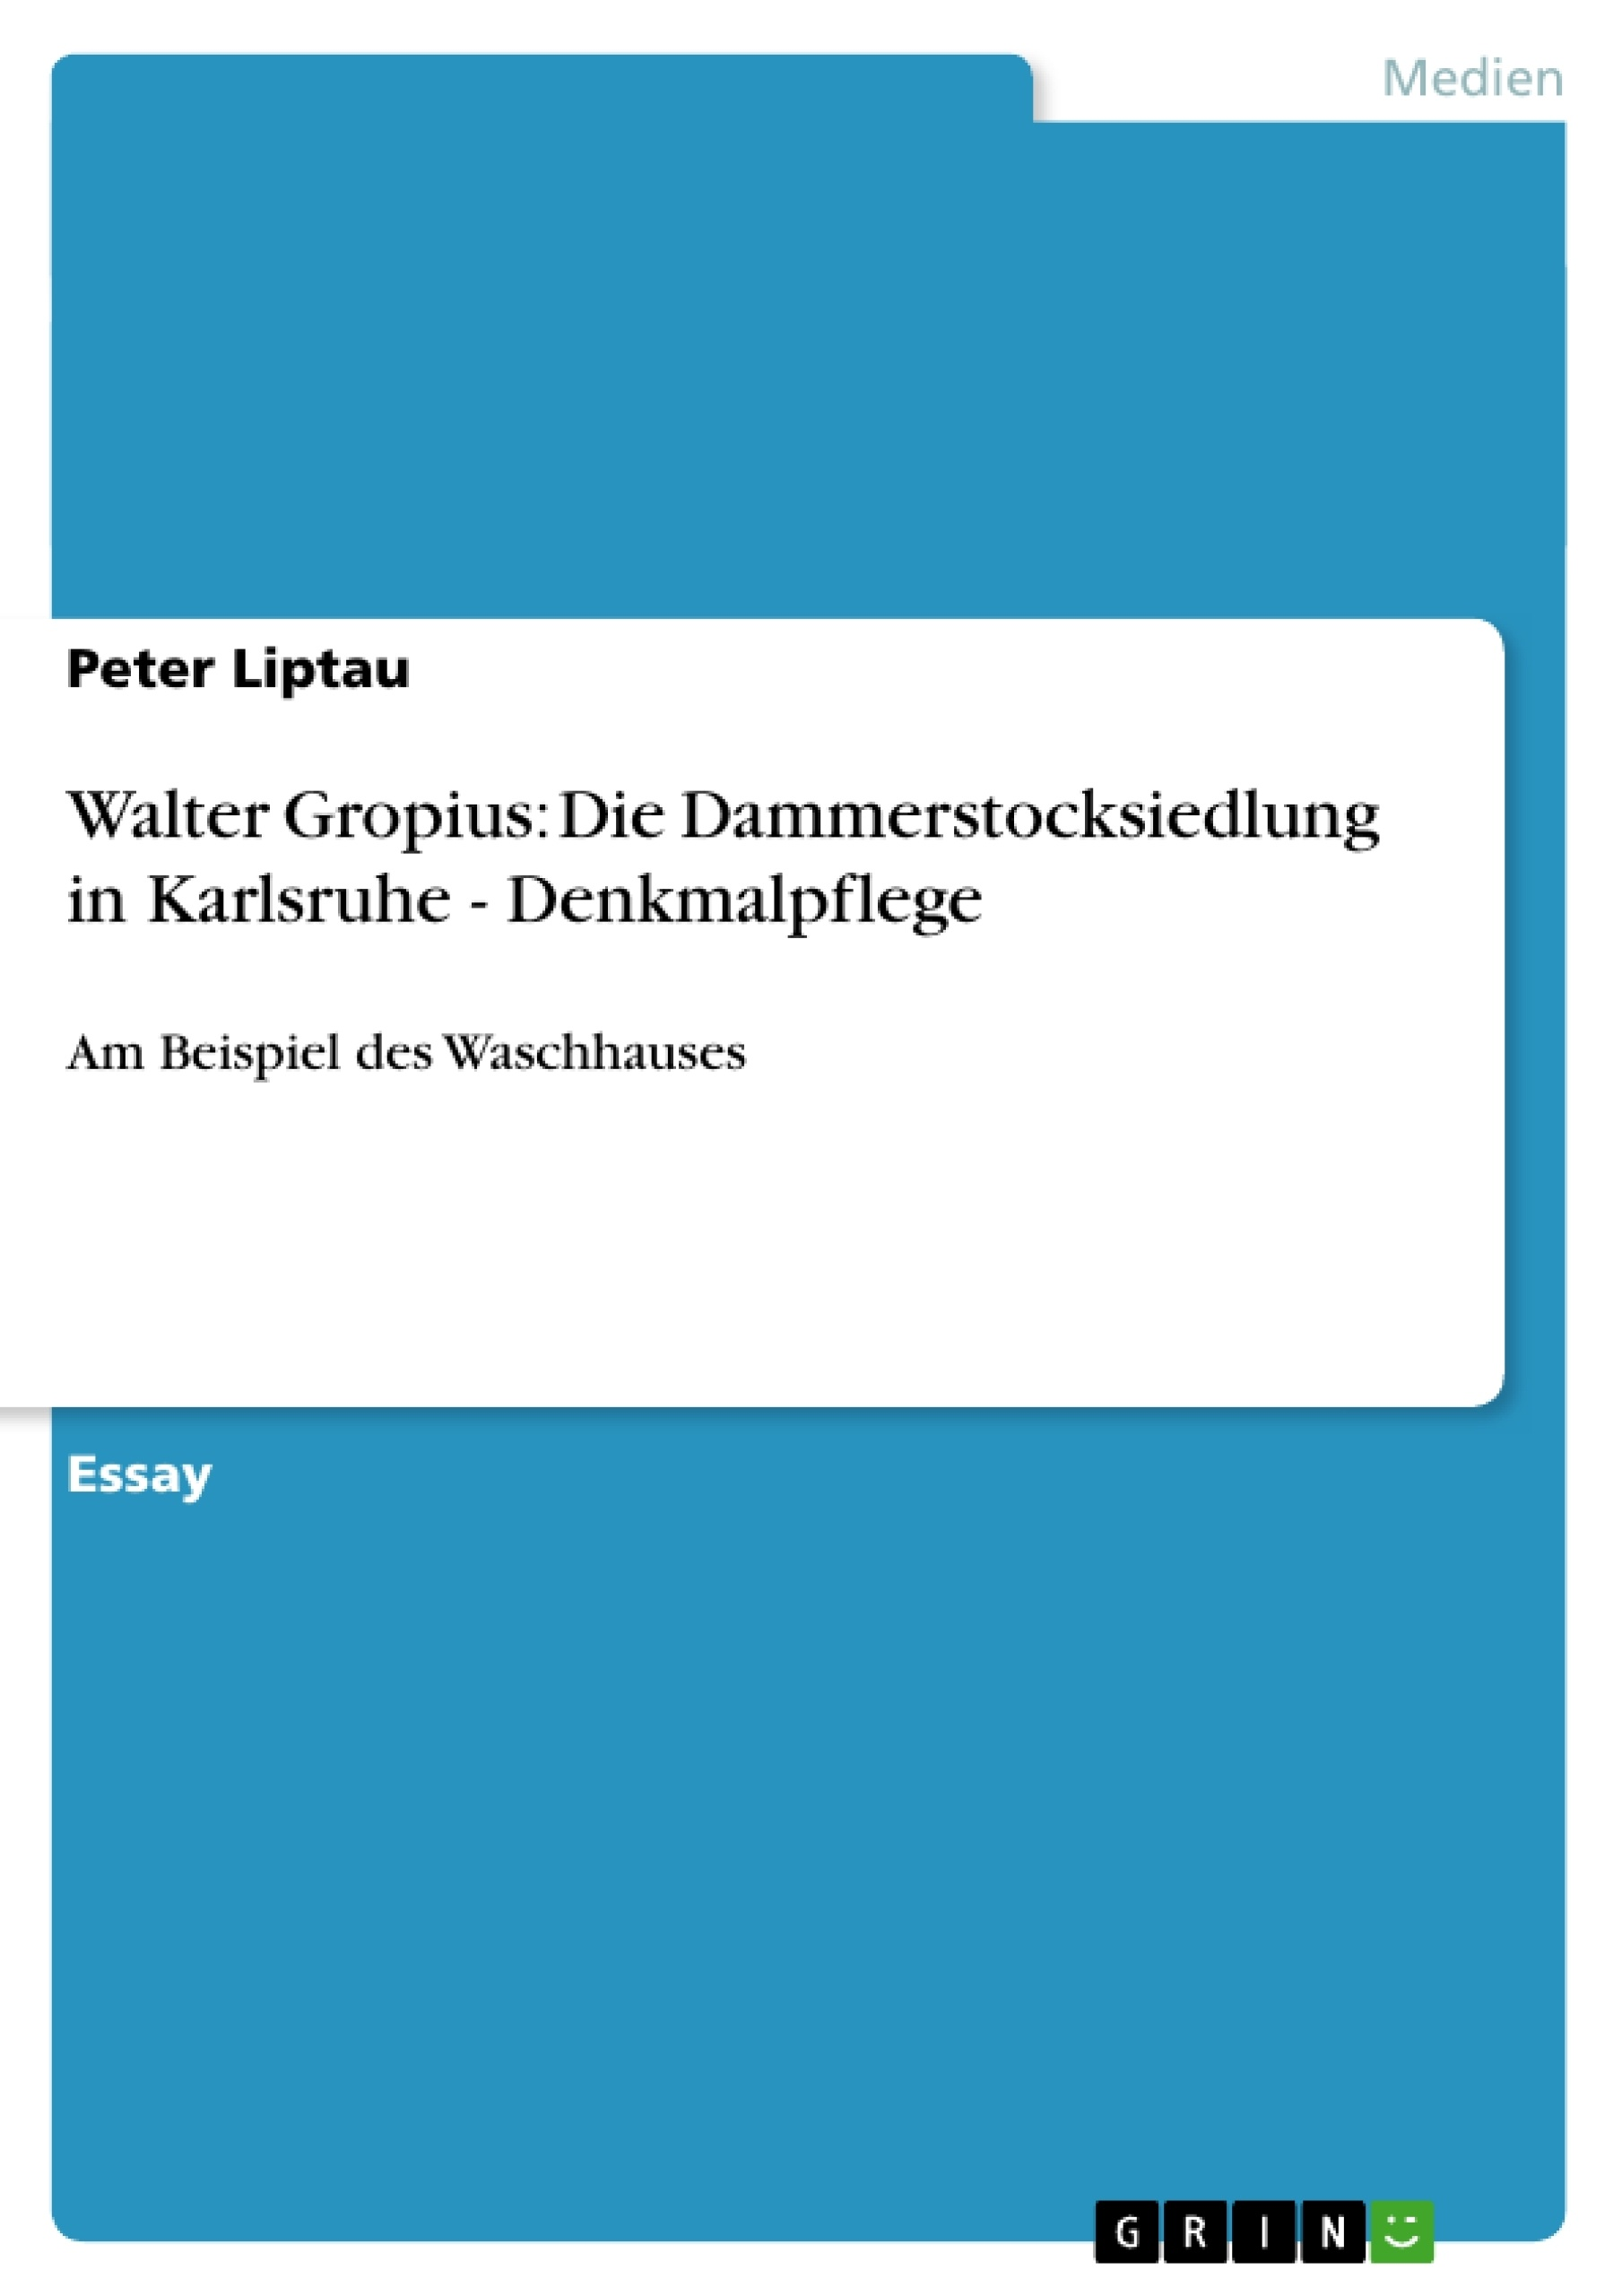 Titel: Walter Gropius: Die Dammerstocksiedlung in Karlsruhe - Denkmalpflege